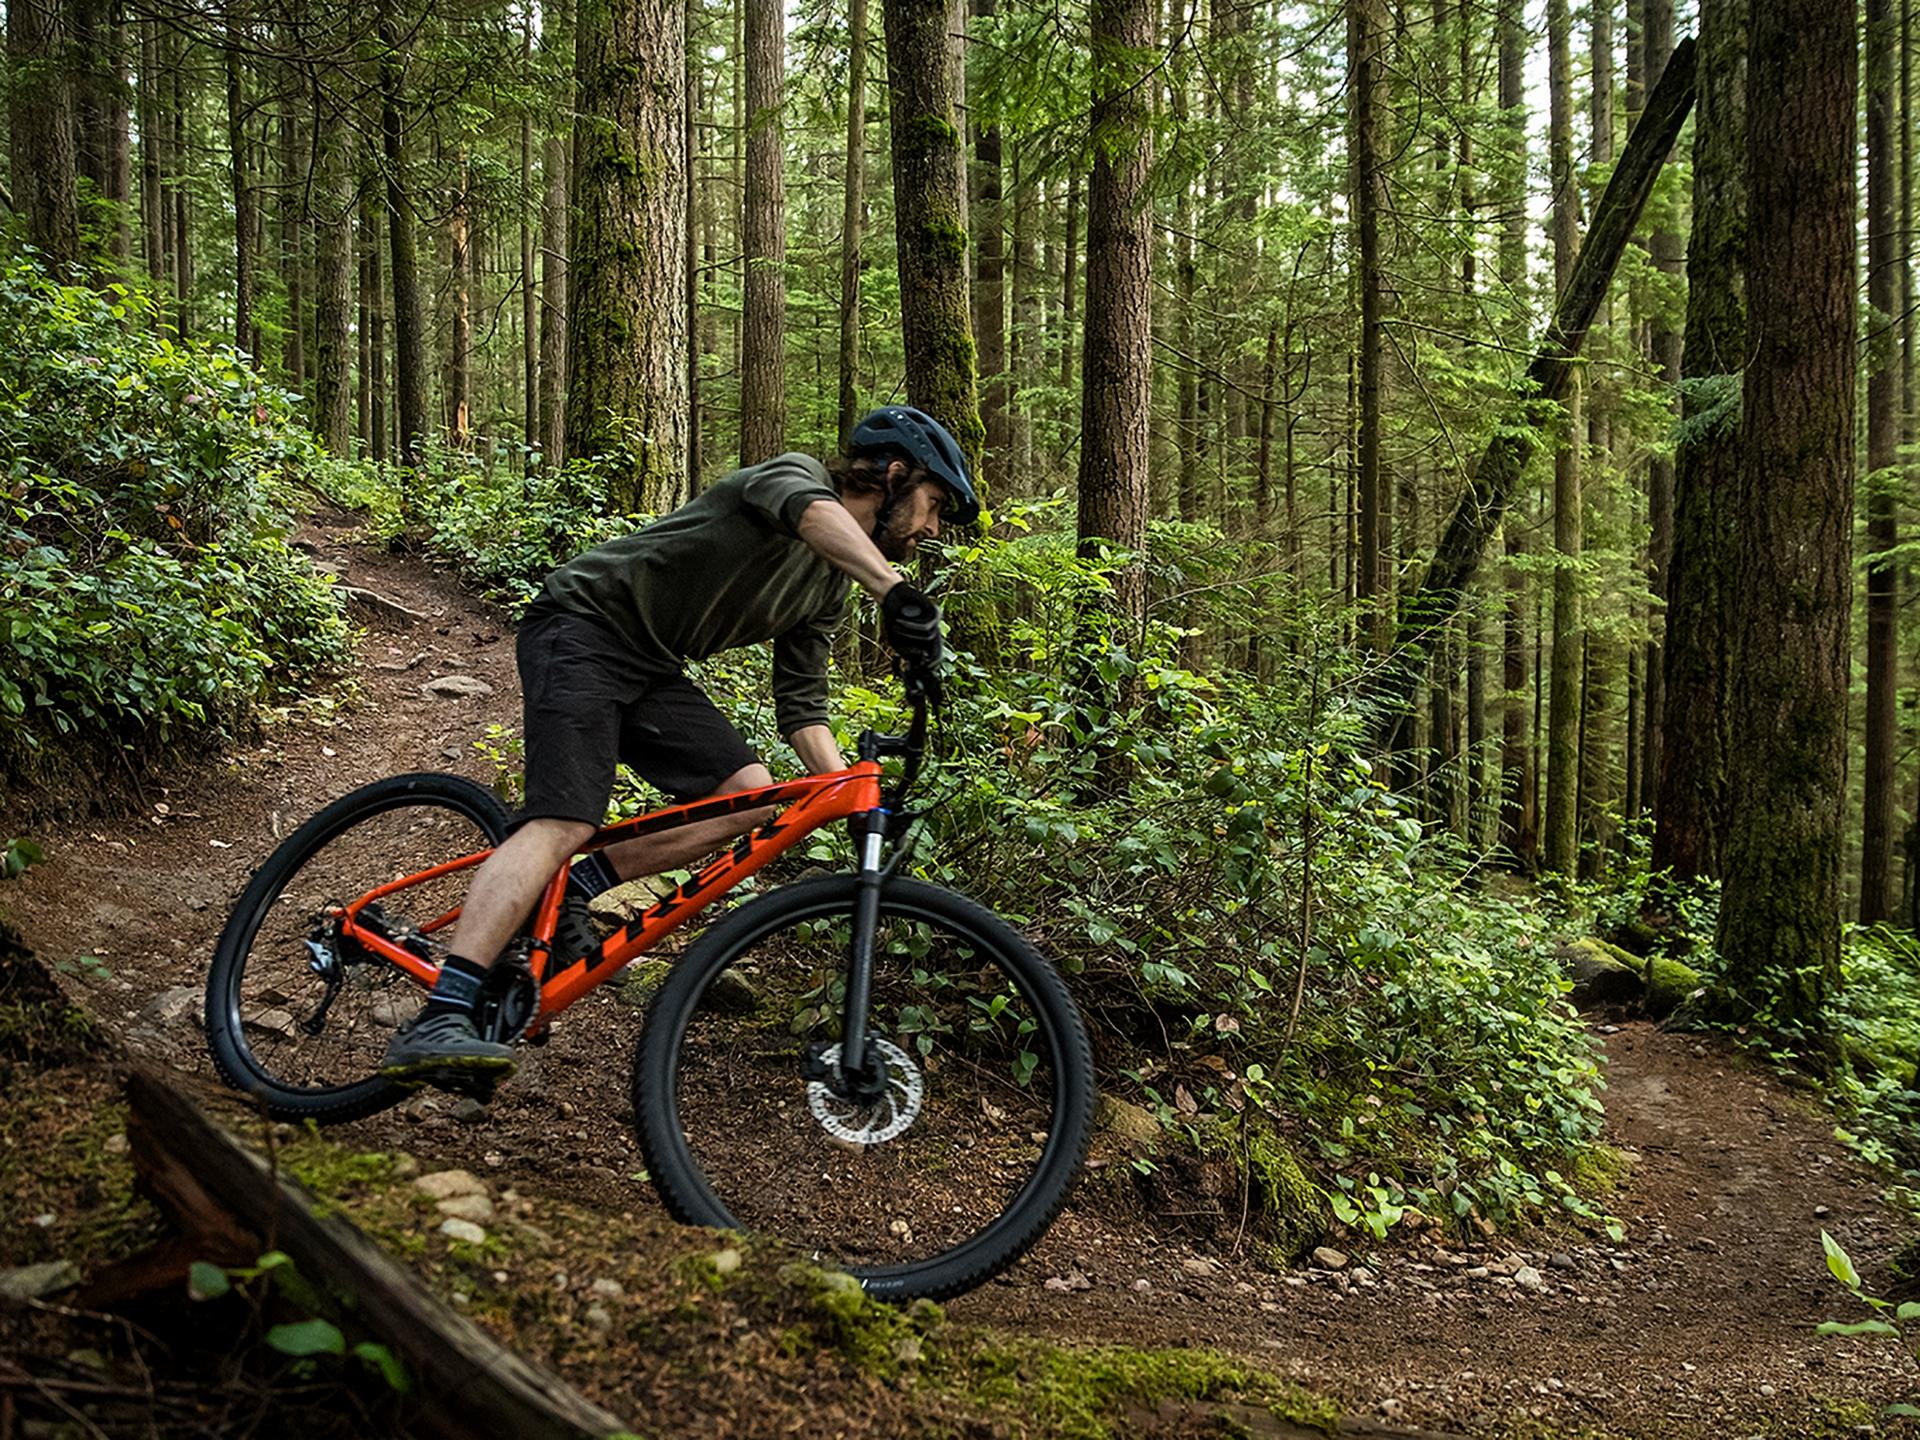 Trek Marlin 5 trail bike